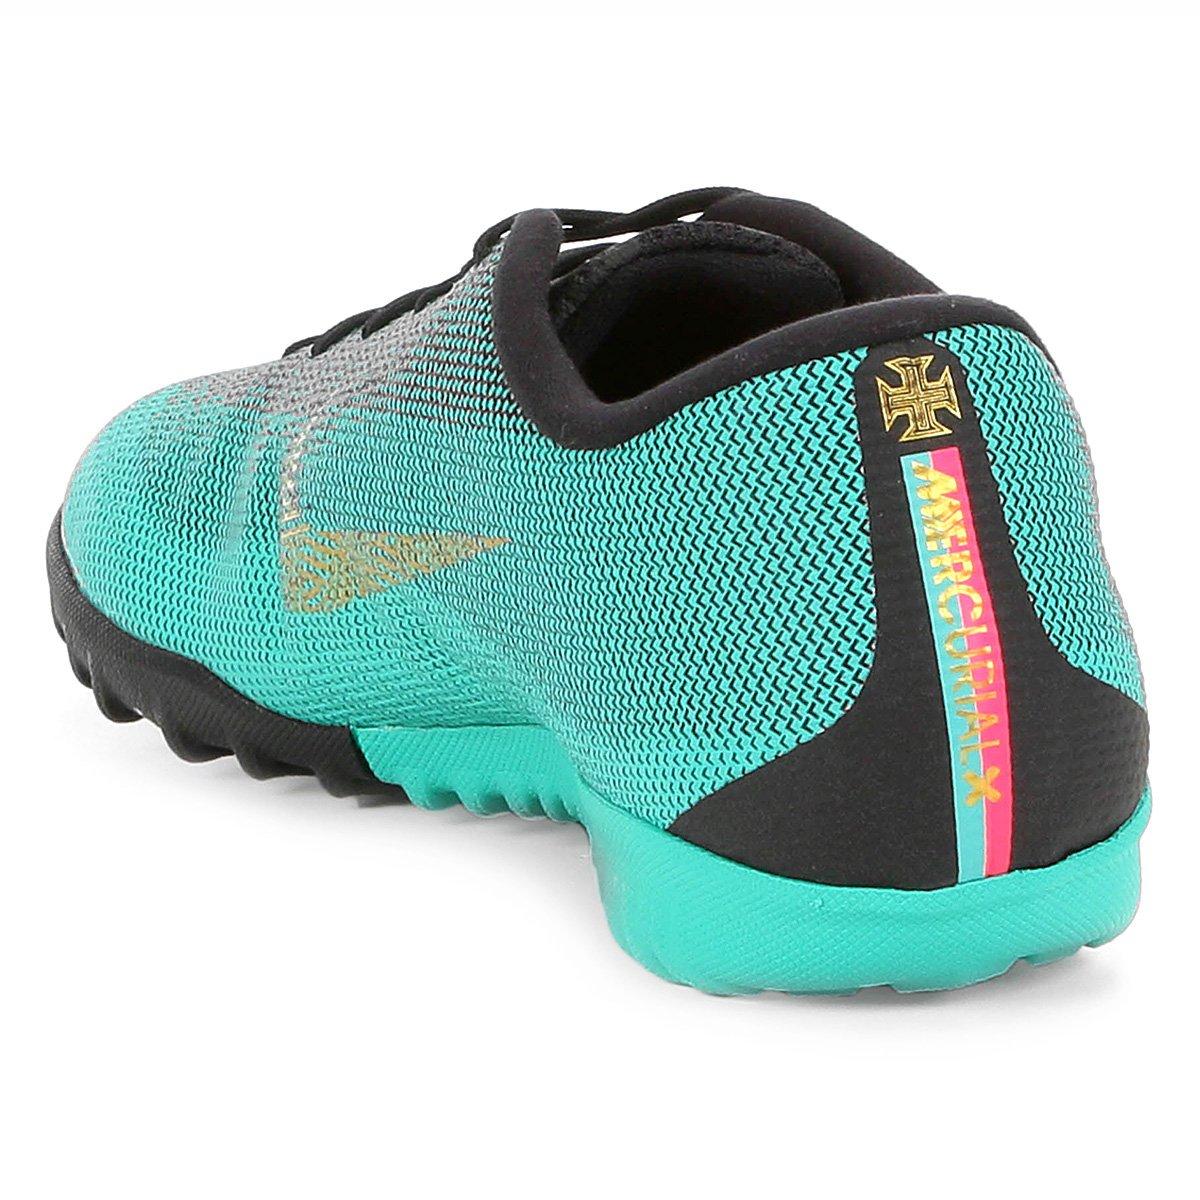 Chuteira Society Nike Mercurial Vapor 12 Academy CR7 TF - Compre ... b50a090320e3f